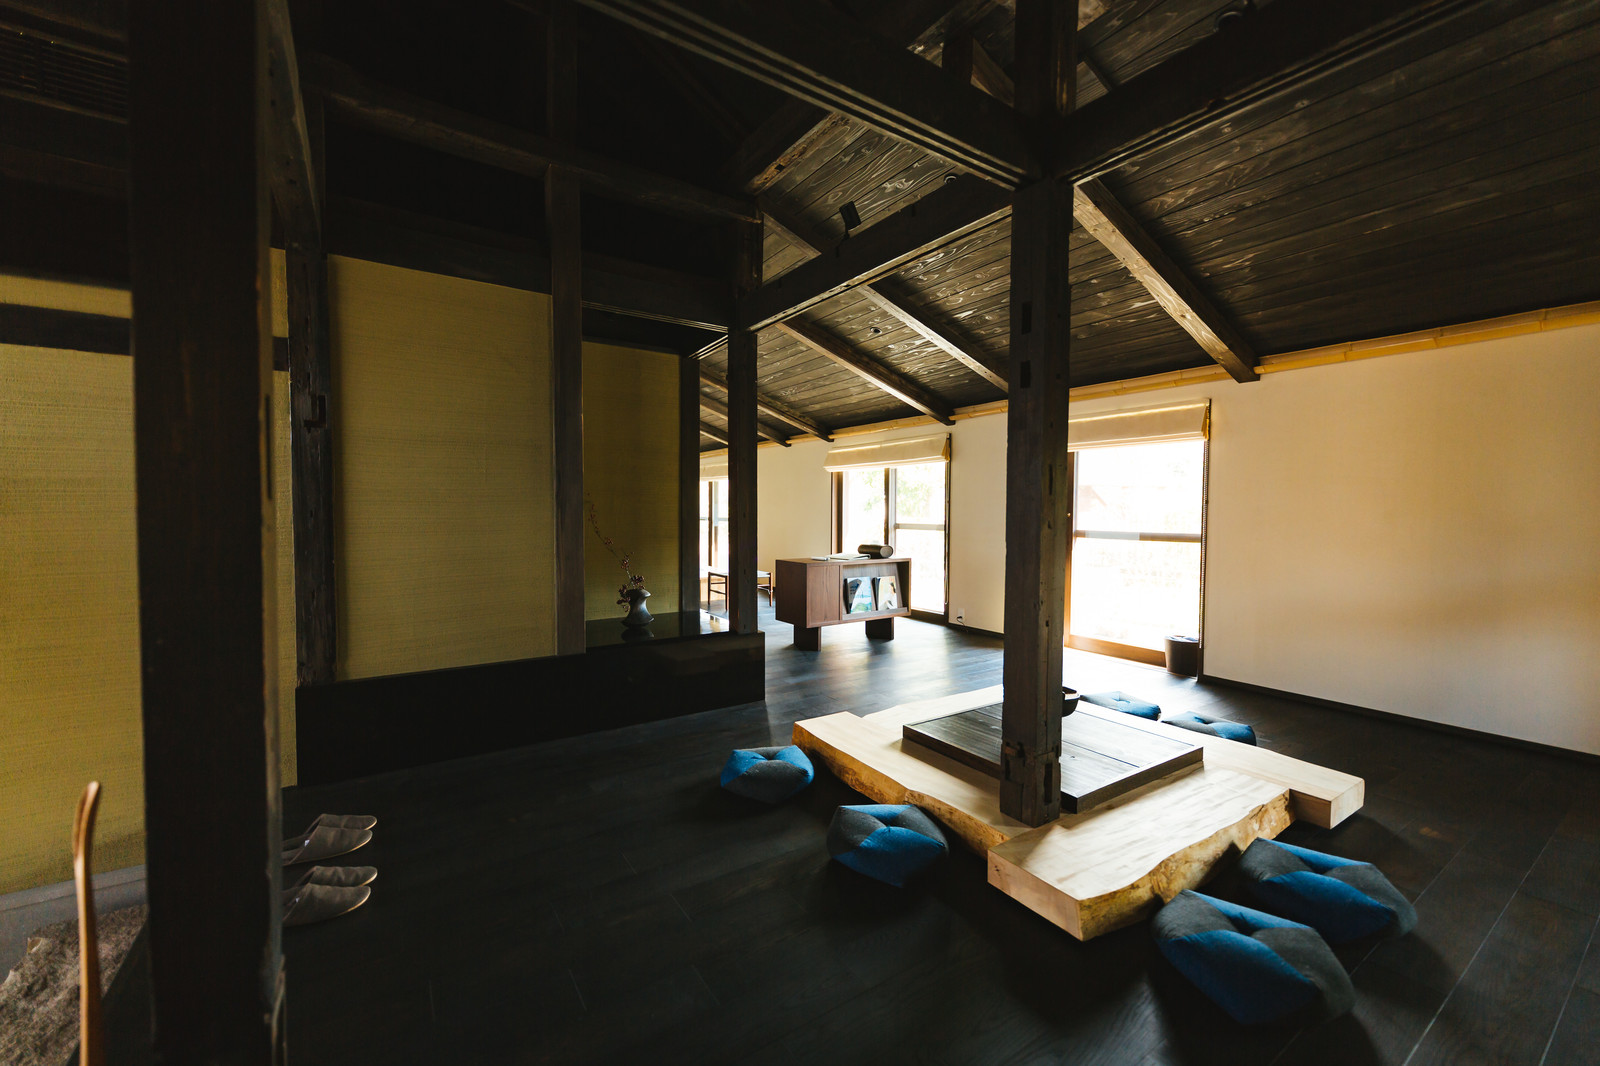 「囲炉裏ある伝統的な古民家[季楽 飫肥(合屋邸)]」の写真